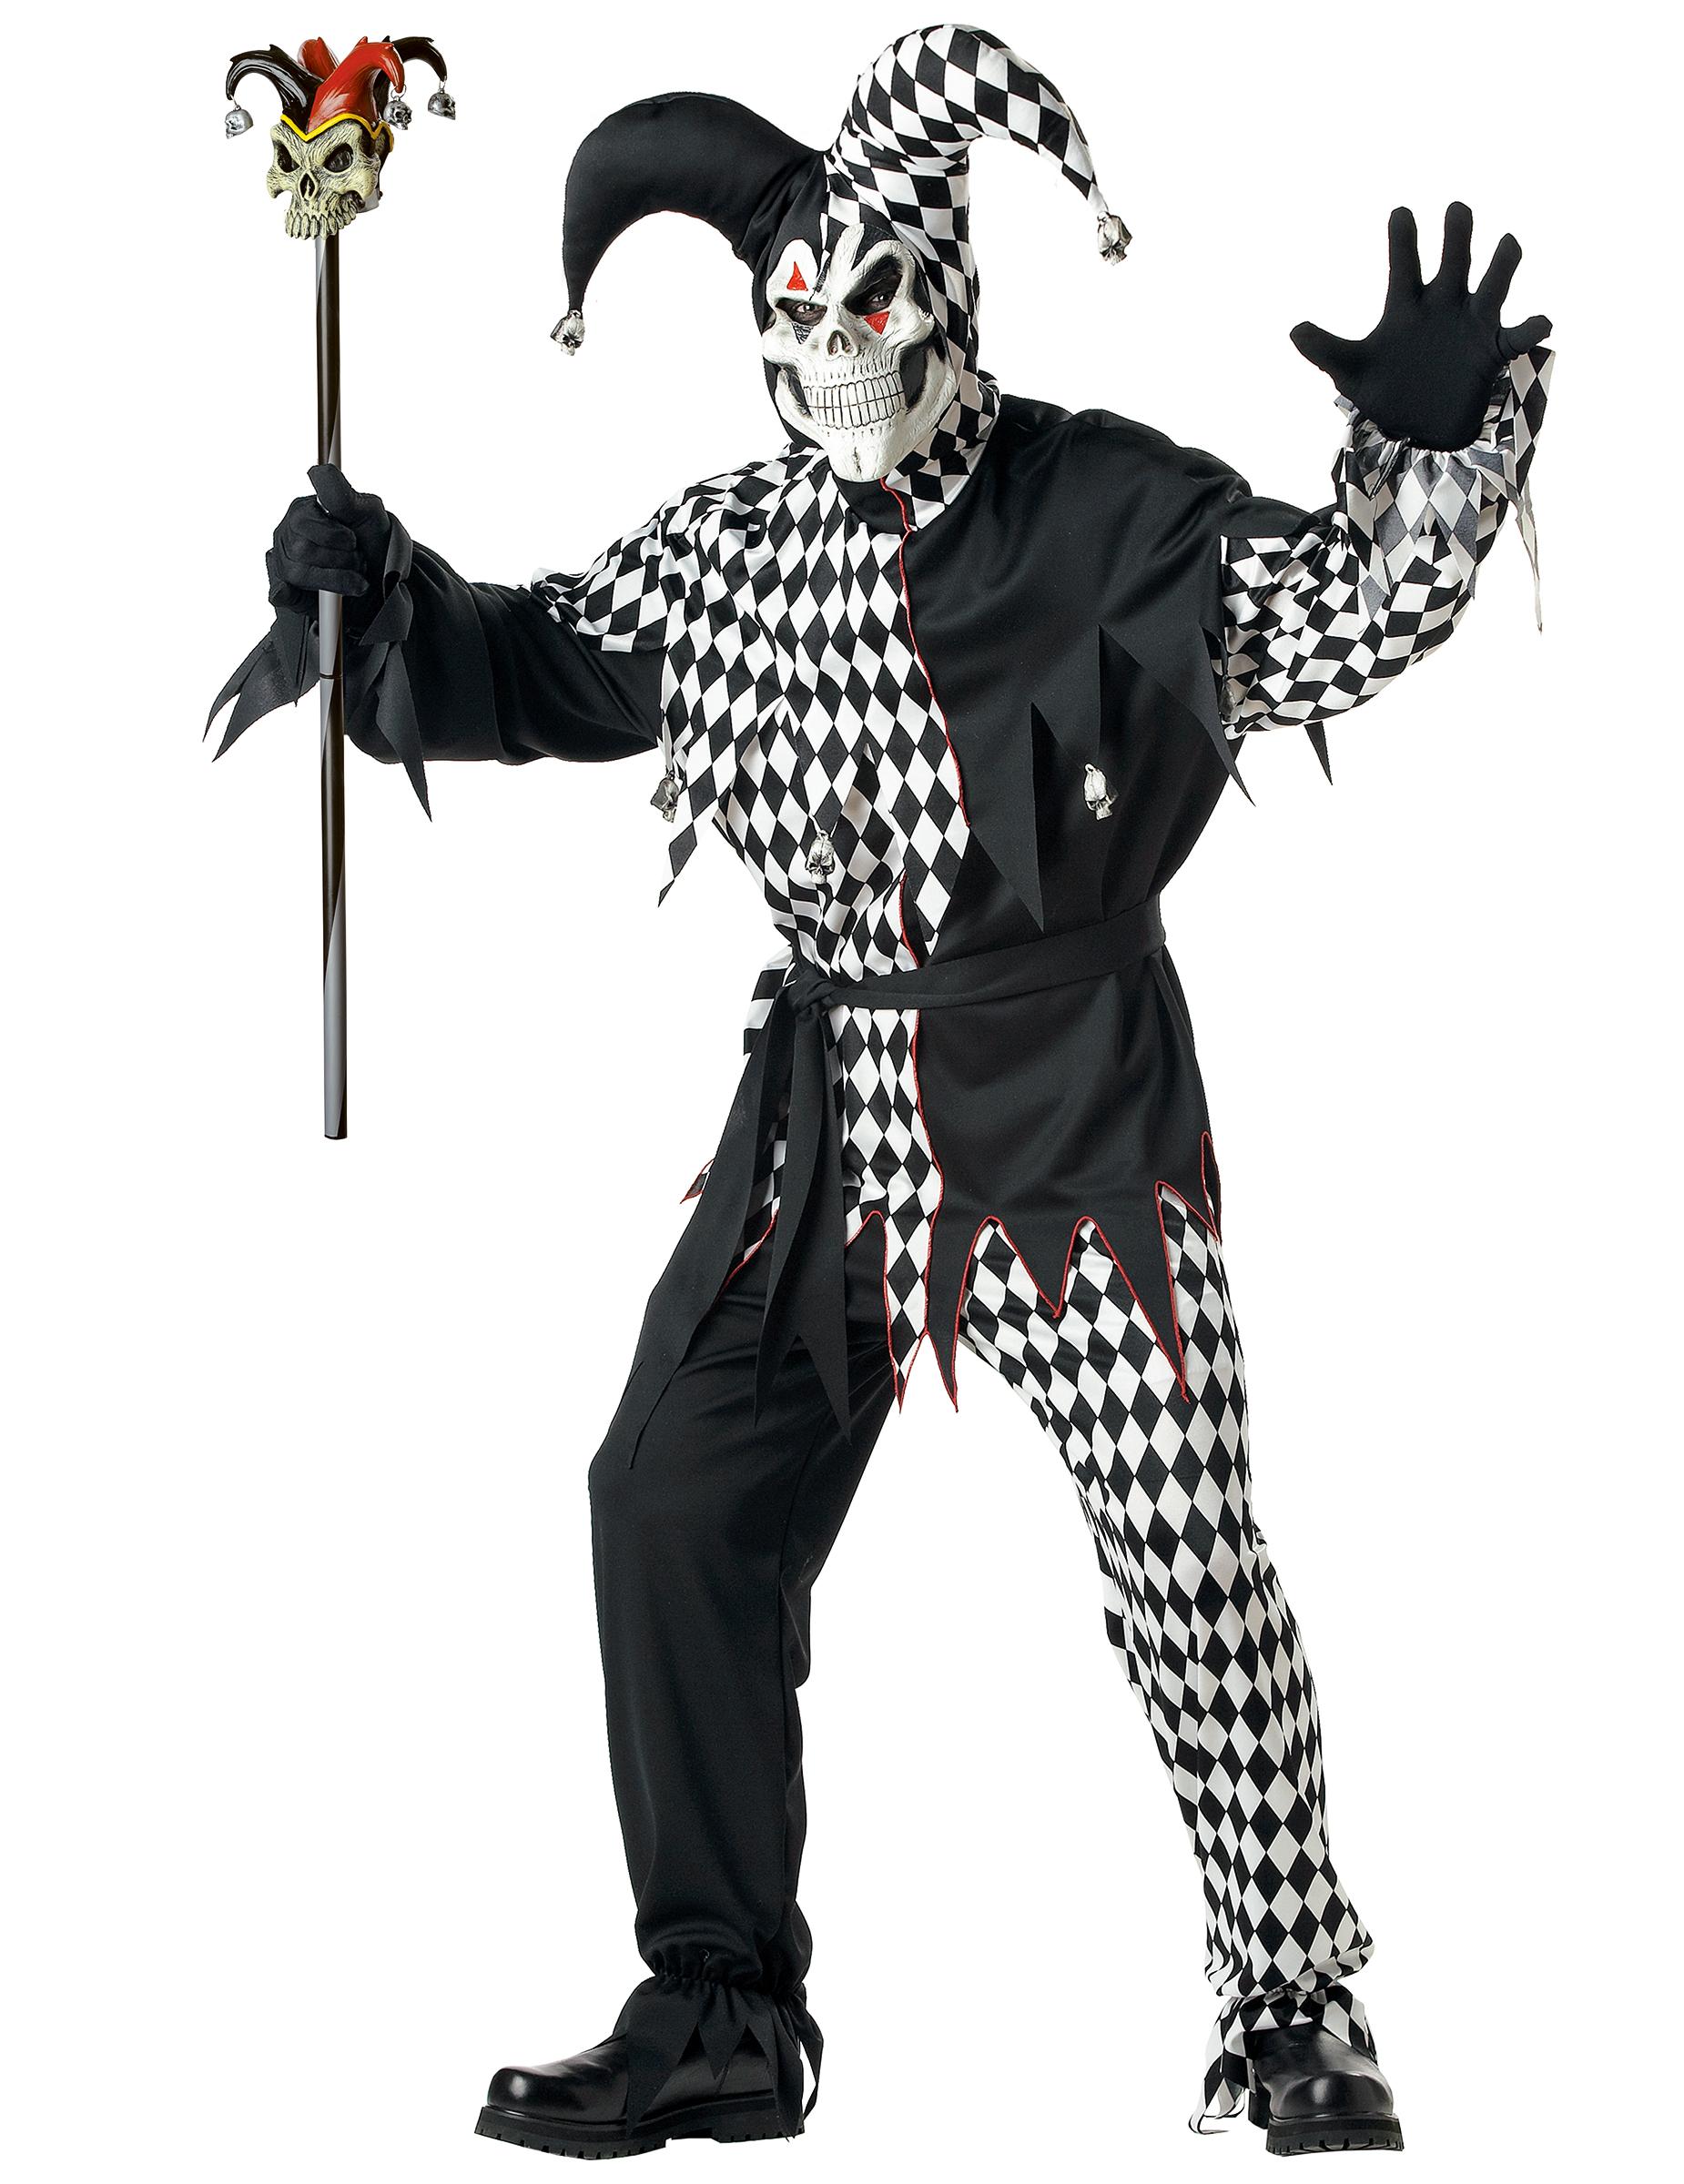 Demonisk narr - Halloween kostym för vuxna 703b3a54184ba